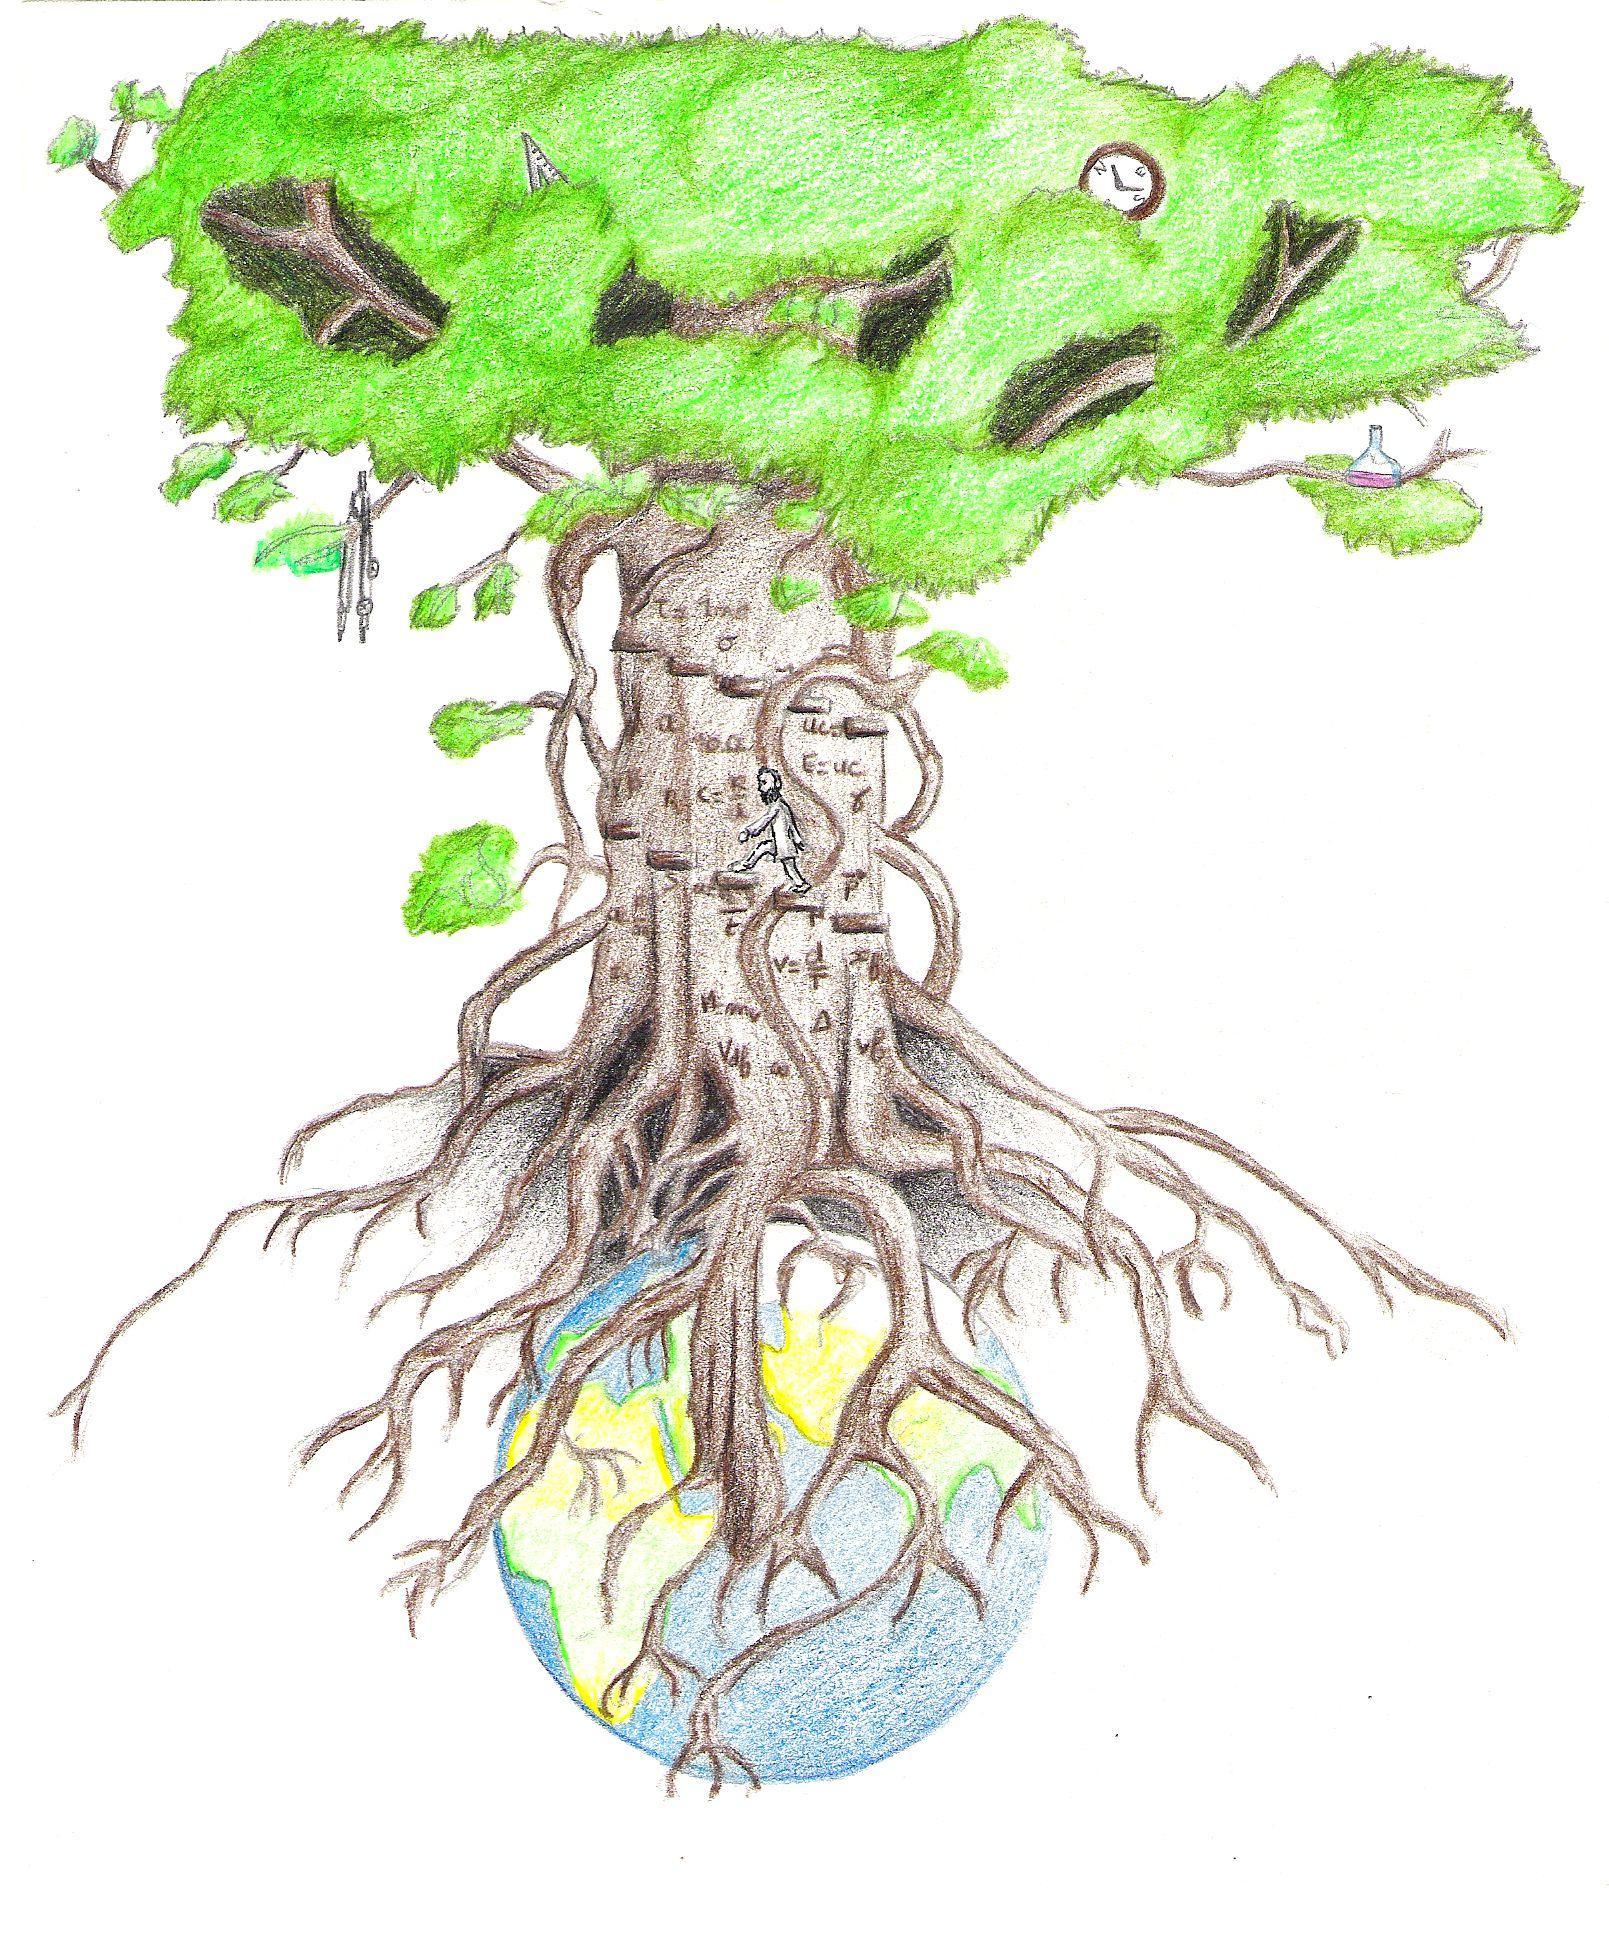 arbre-laura-betz.1254863519.jpg